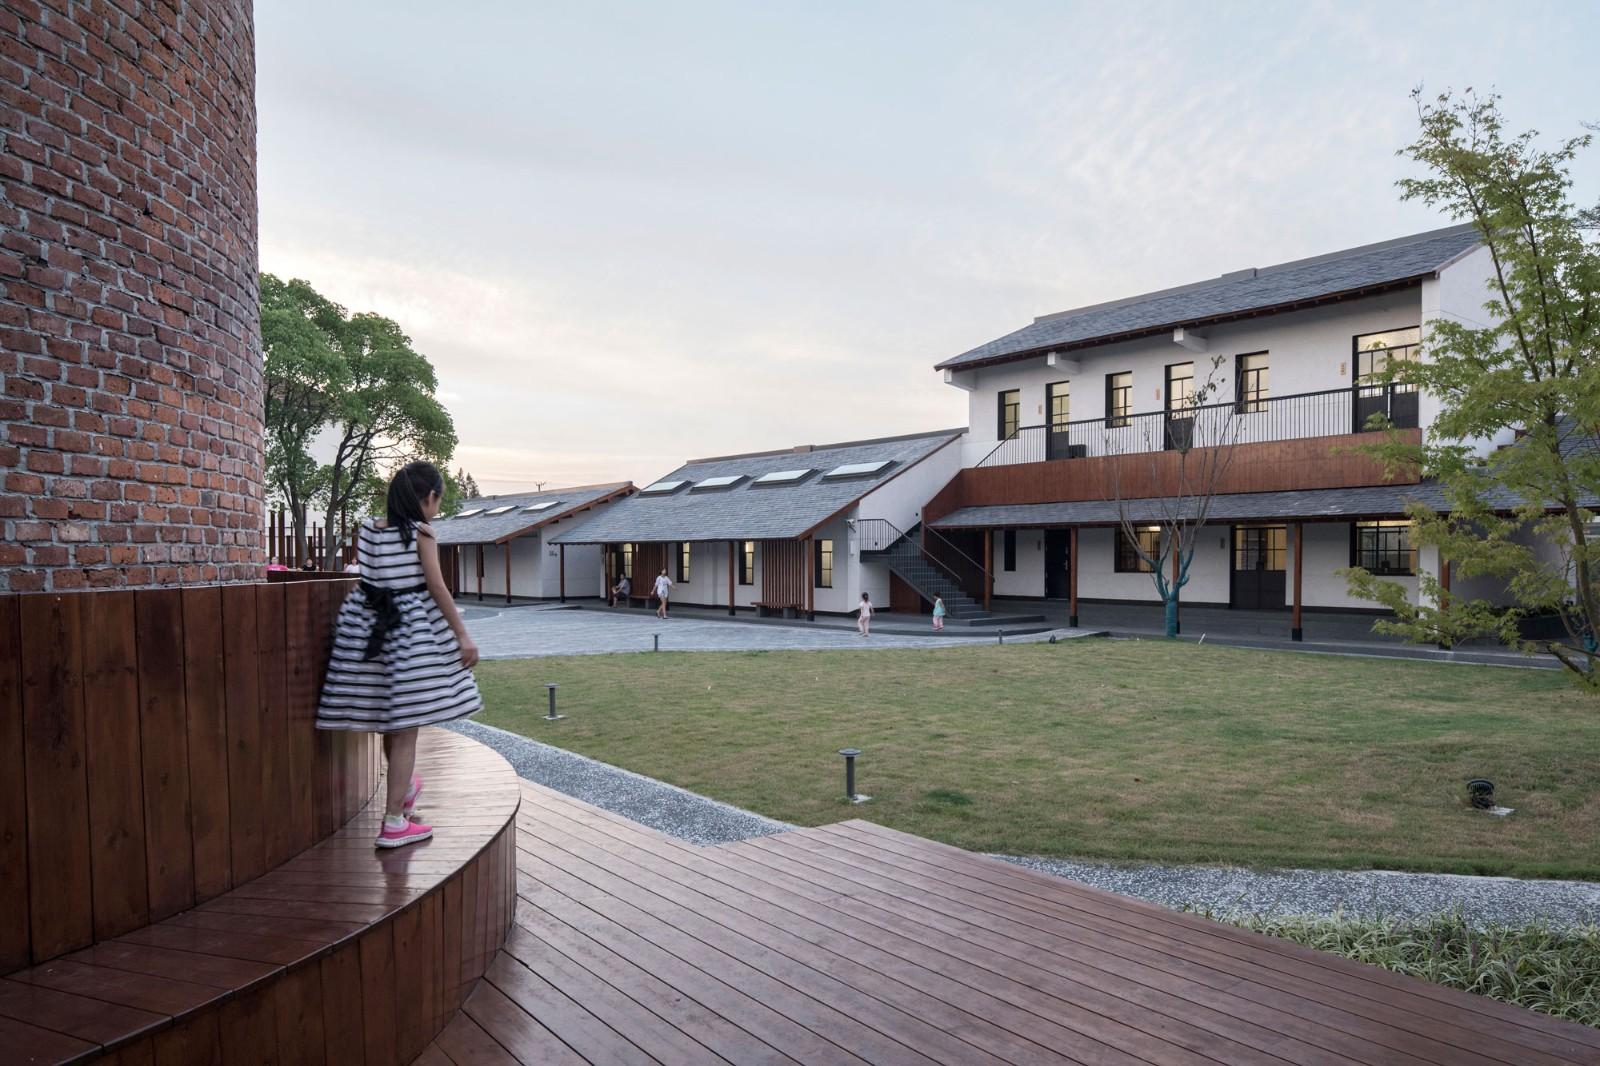 上海崇明岛侯家镇文化活动中心建筑景观改造设计/空间里建筑